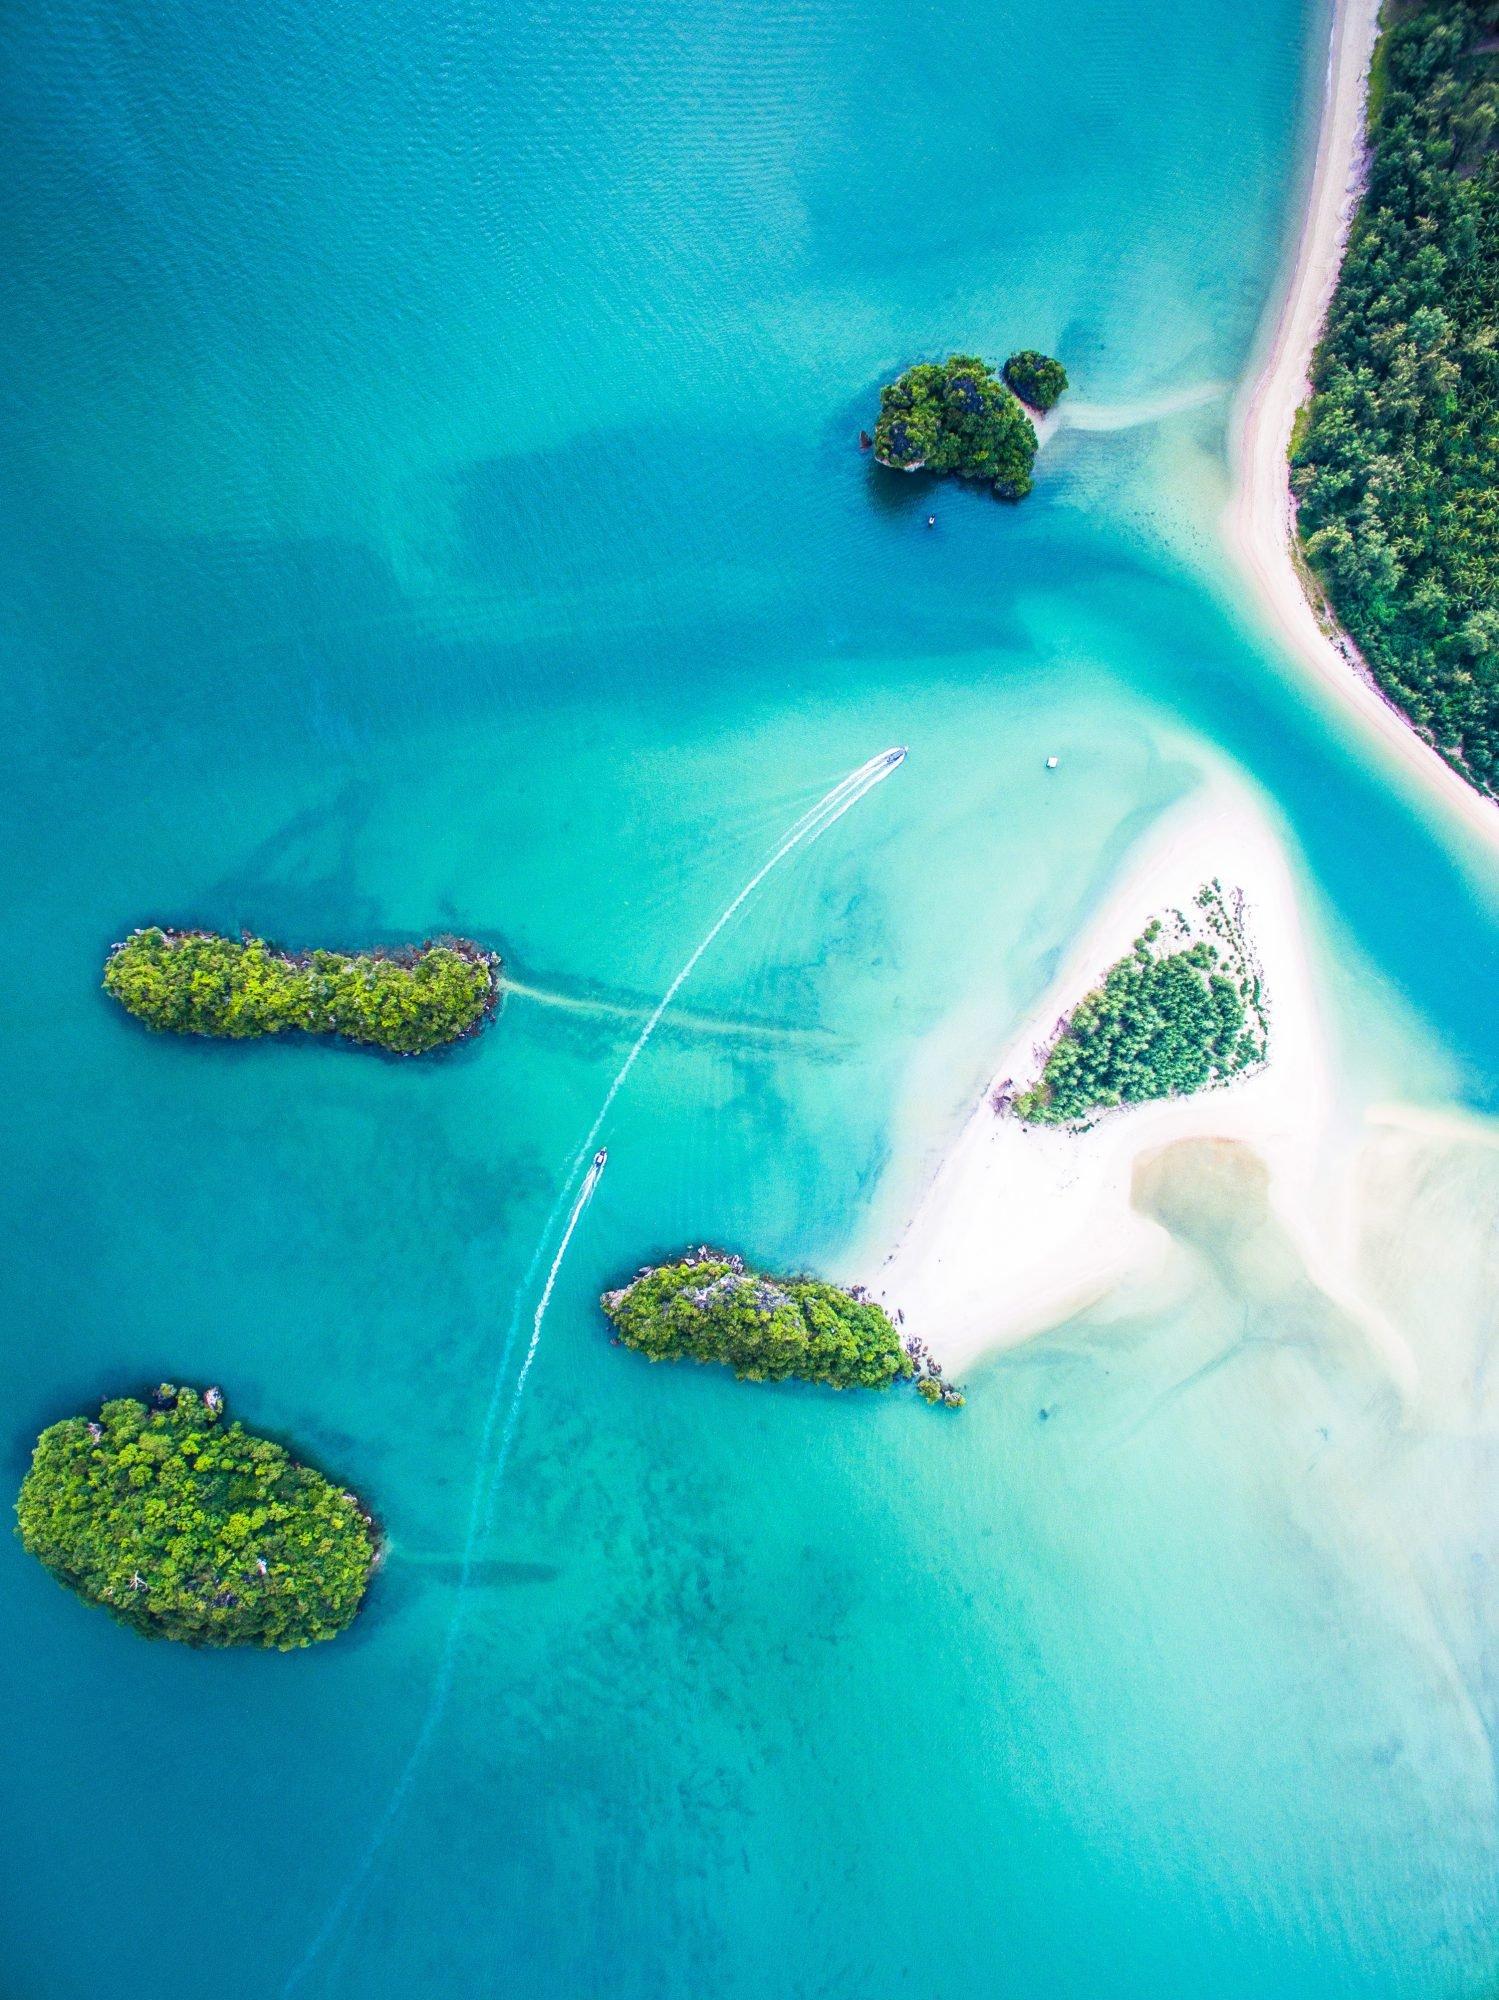 playa tailandia, bautizo de buceo